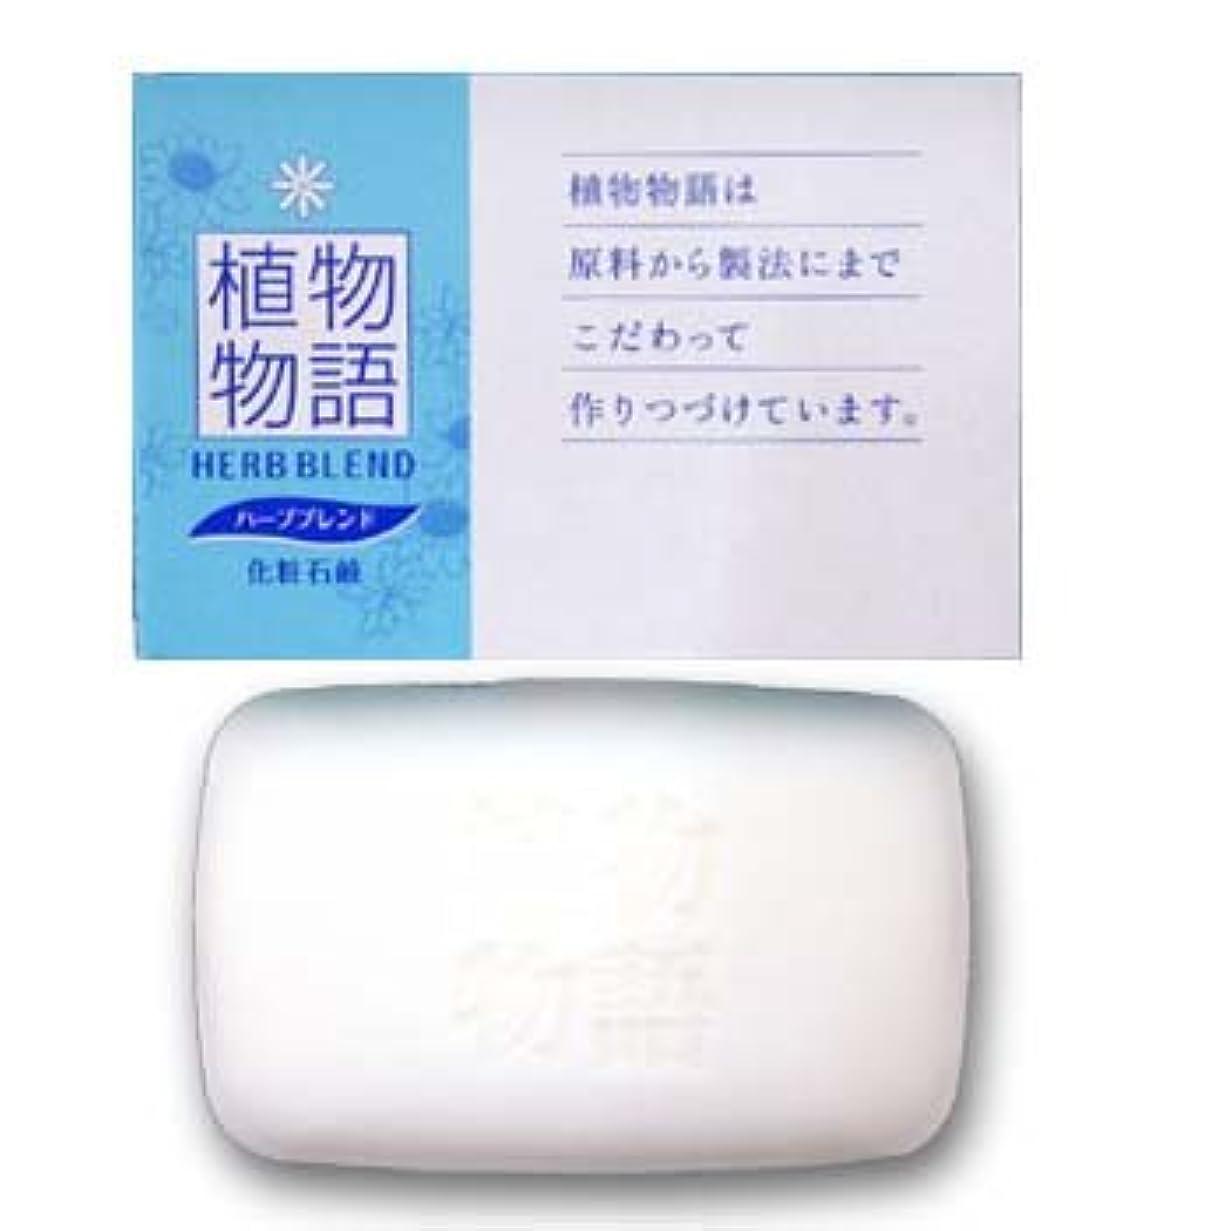 振動するアラブサラボ強盗LION 植物物語石鹸80g化粧箱入(1セット100個入)